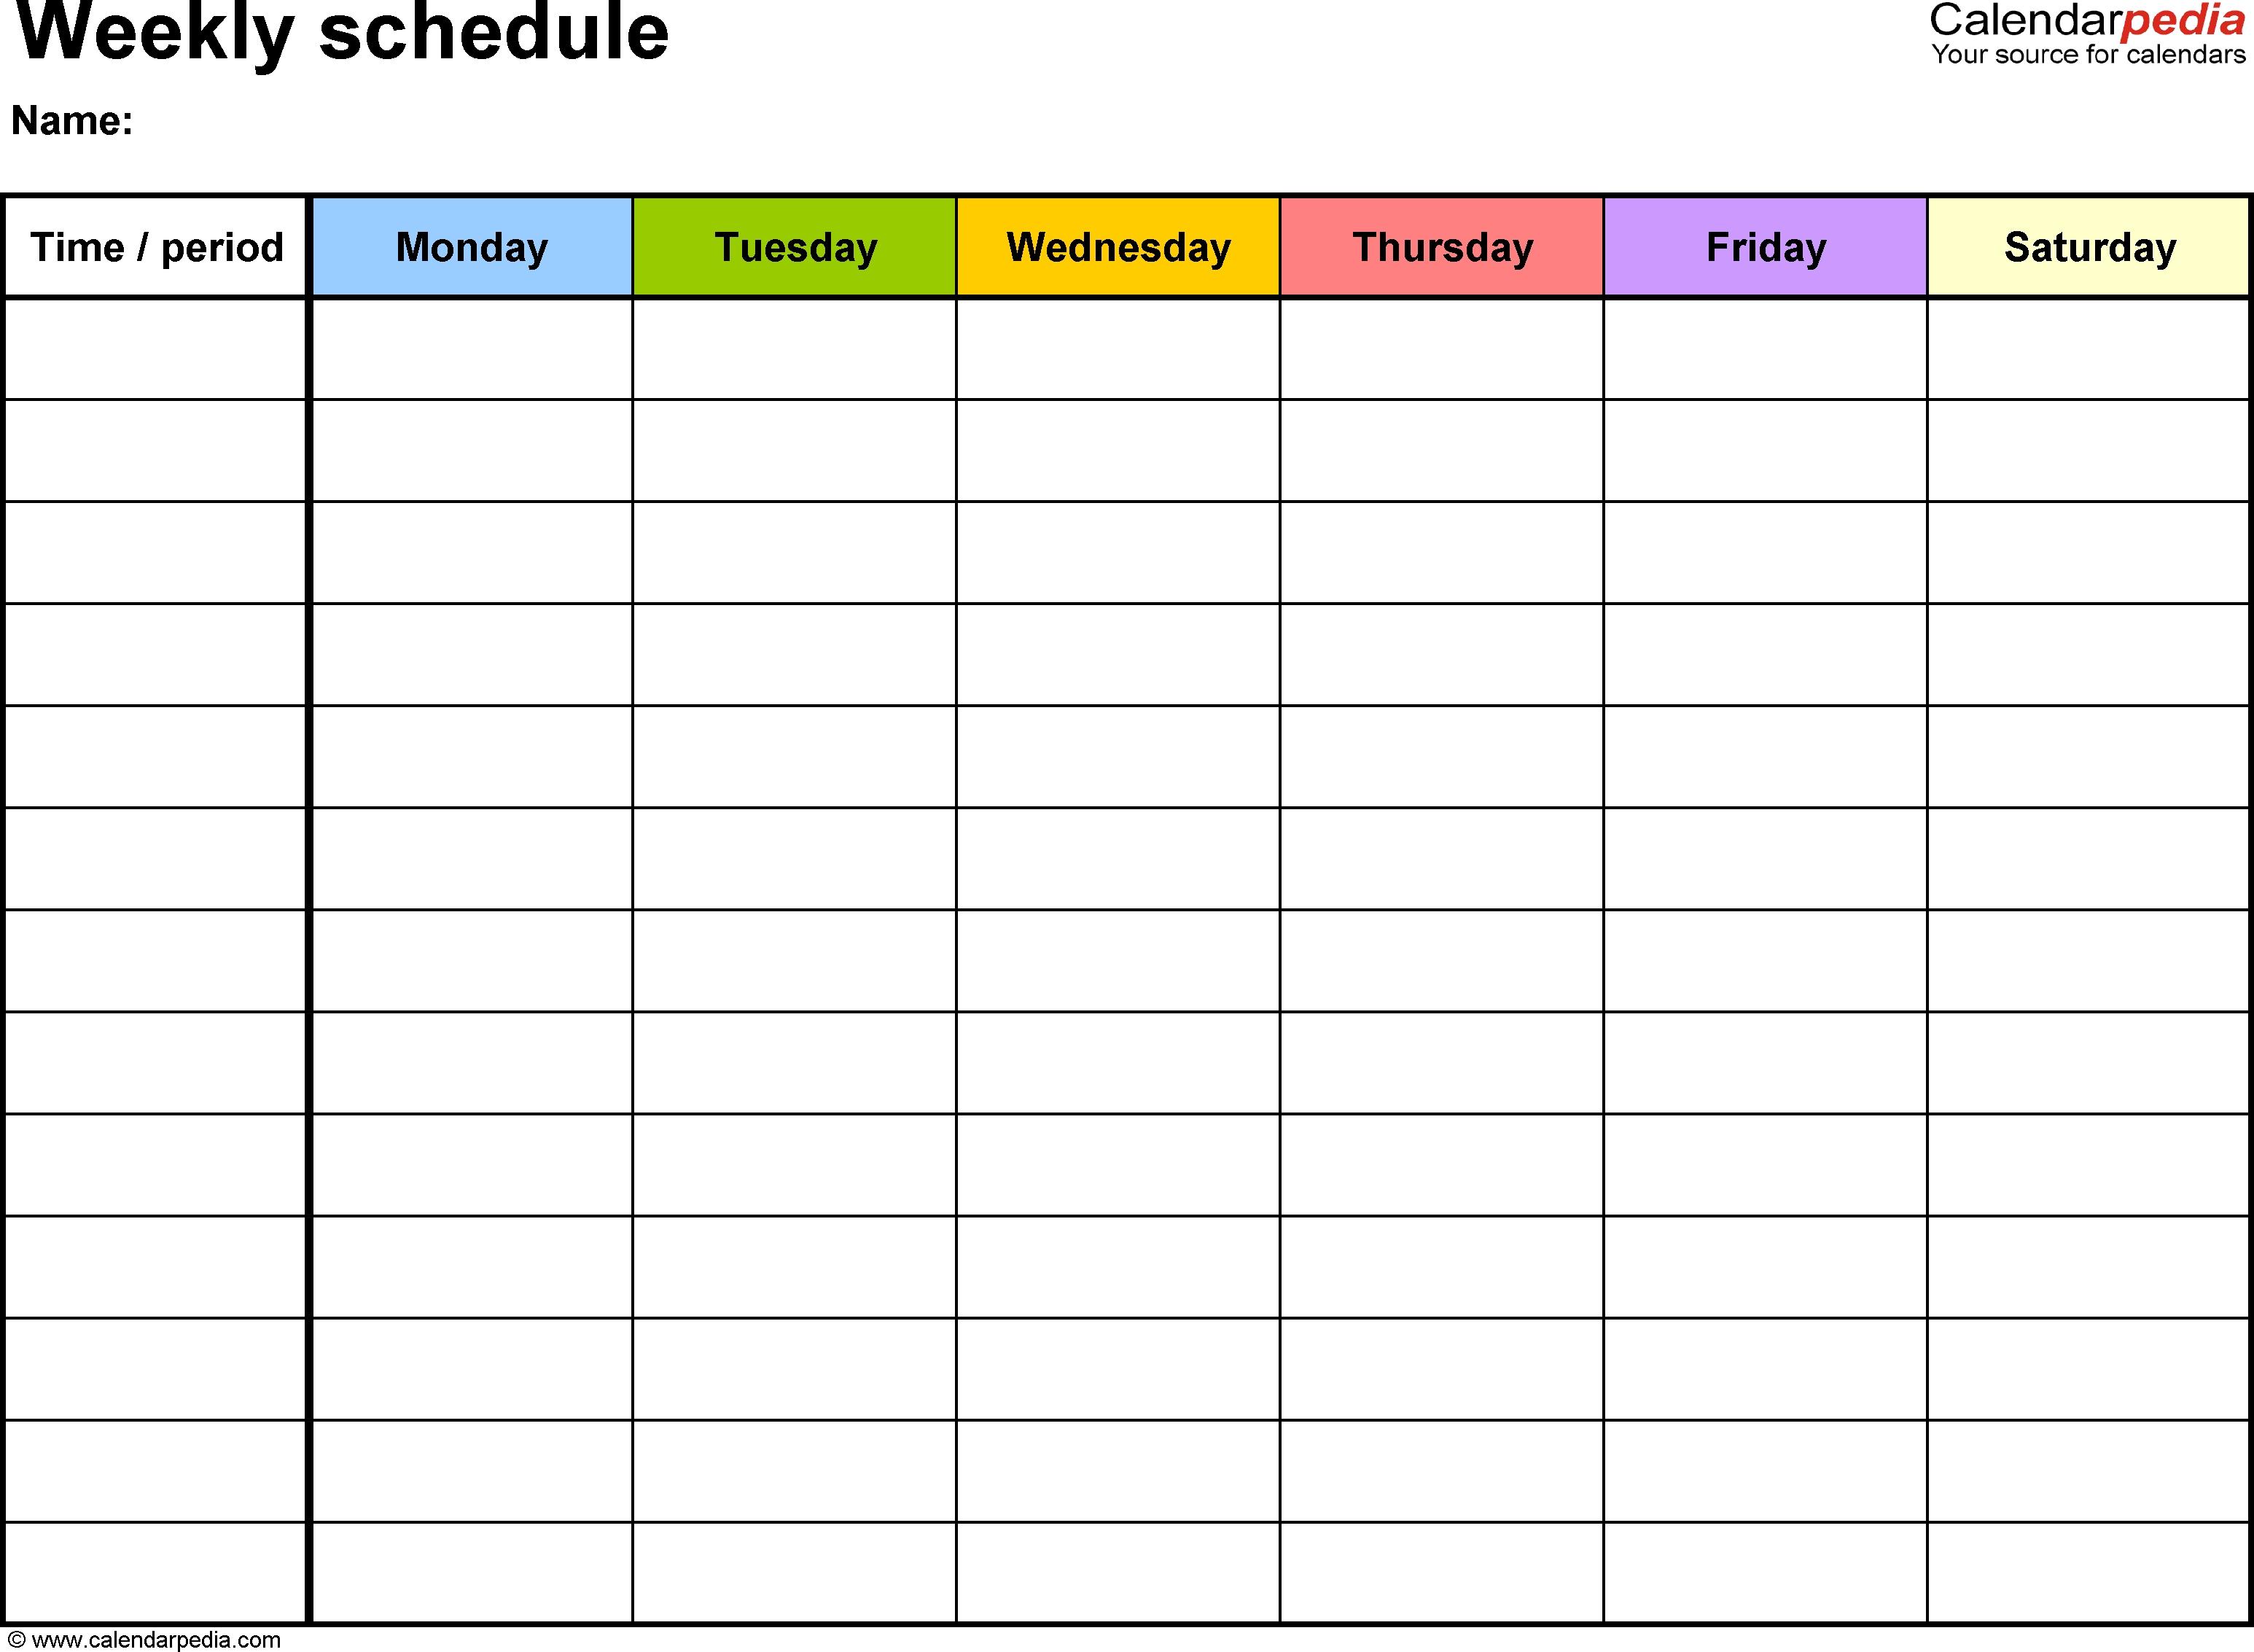 Free Weekly Schedule Templates For Word - 18 Templates inside Week By Week Calendar Printable